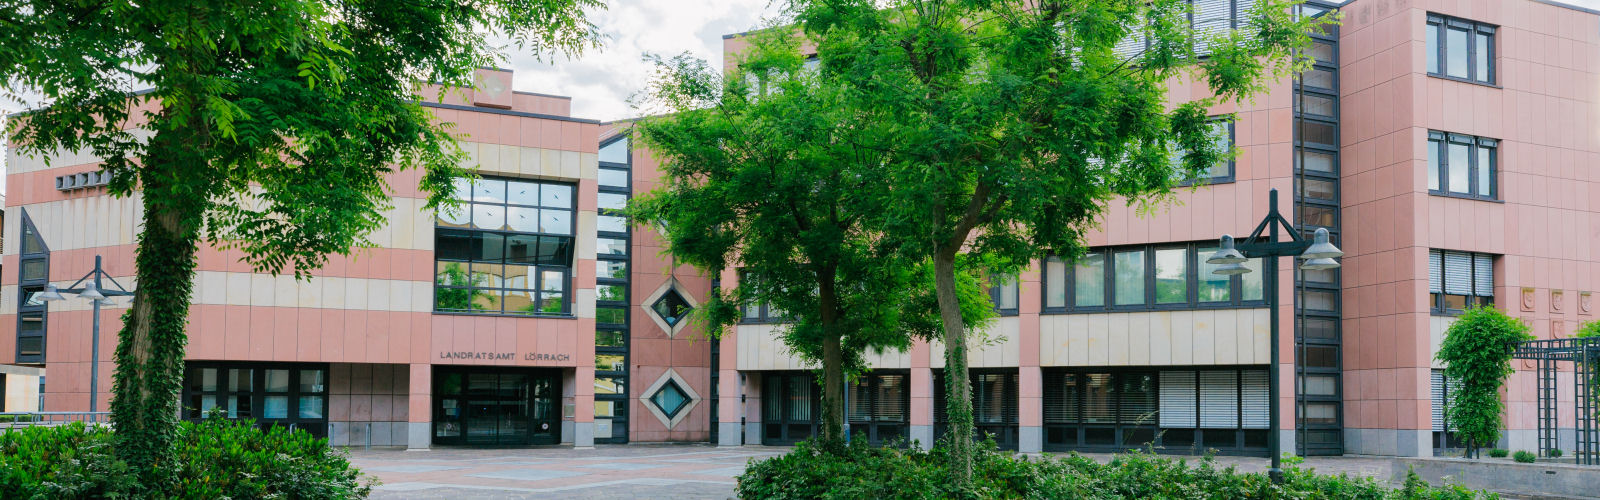 Landratsamt Lörrach - Haus 1